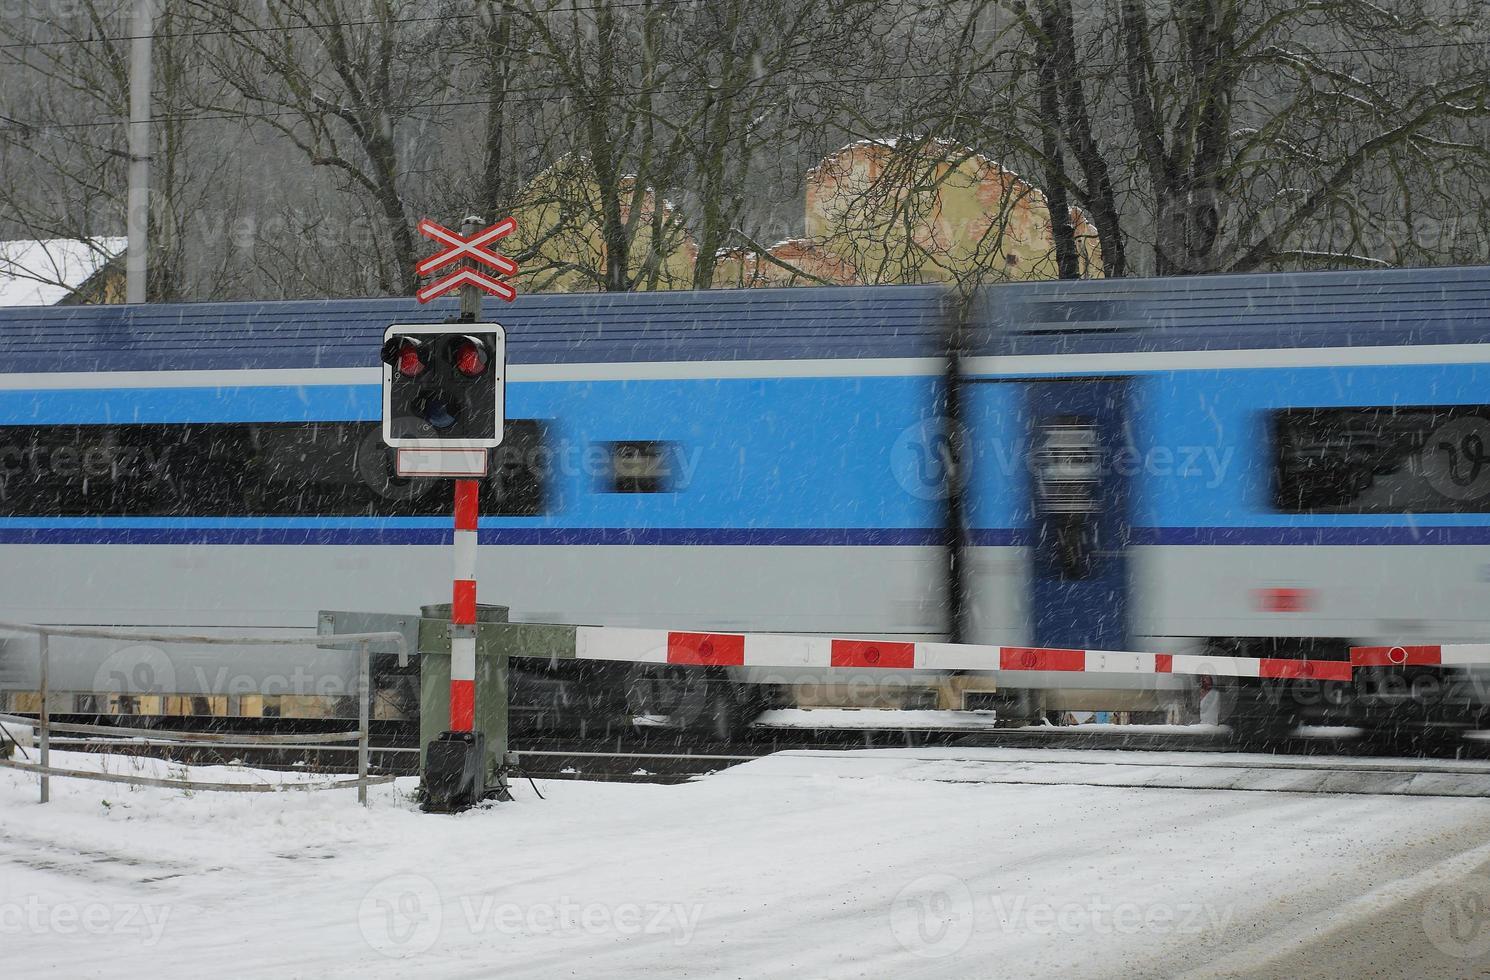 tschechischer Bahnübergang im Winter mit Zug in einem Schneesturm foto